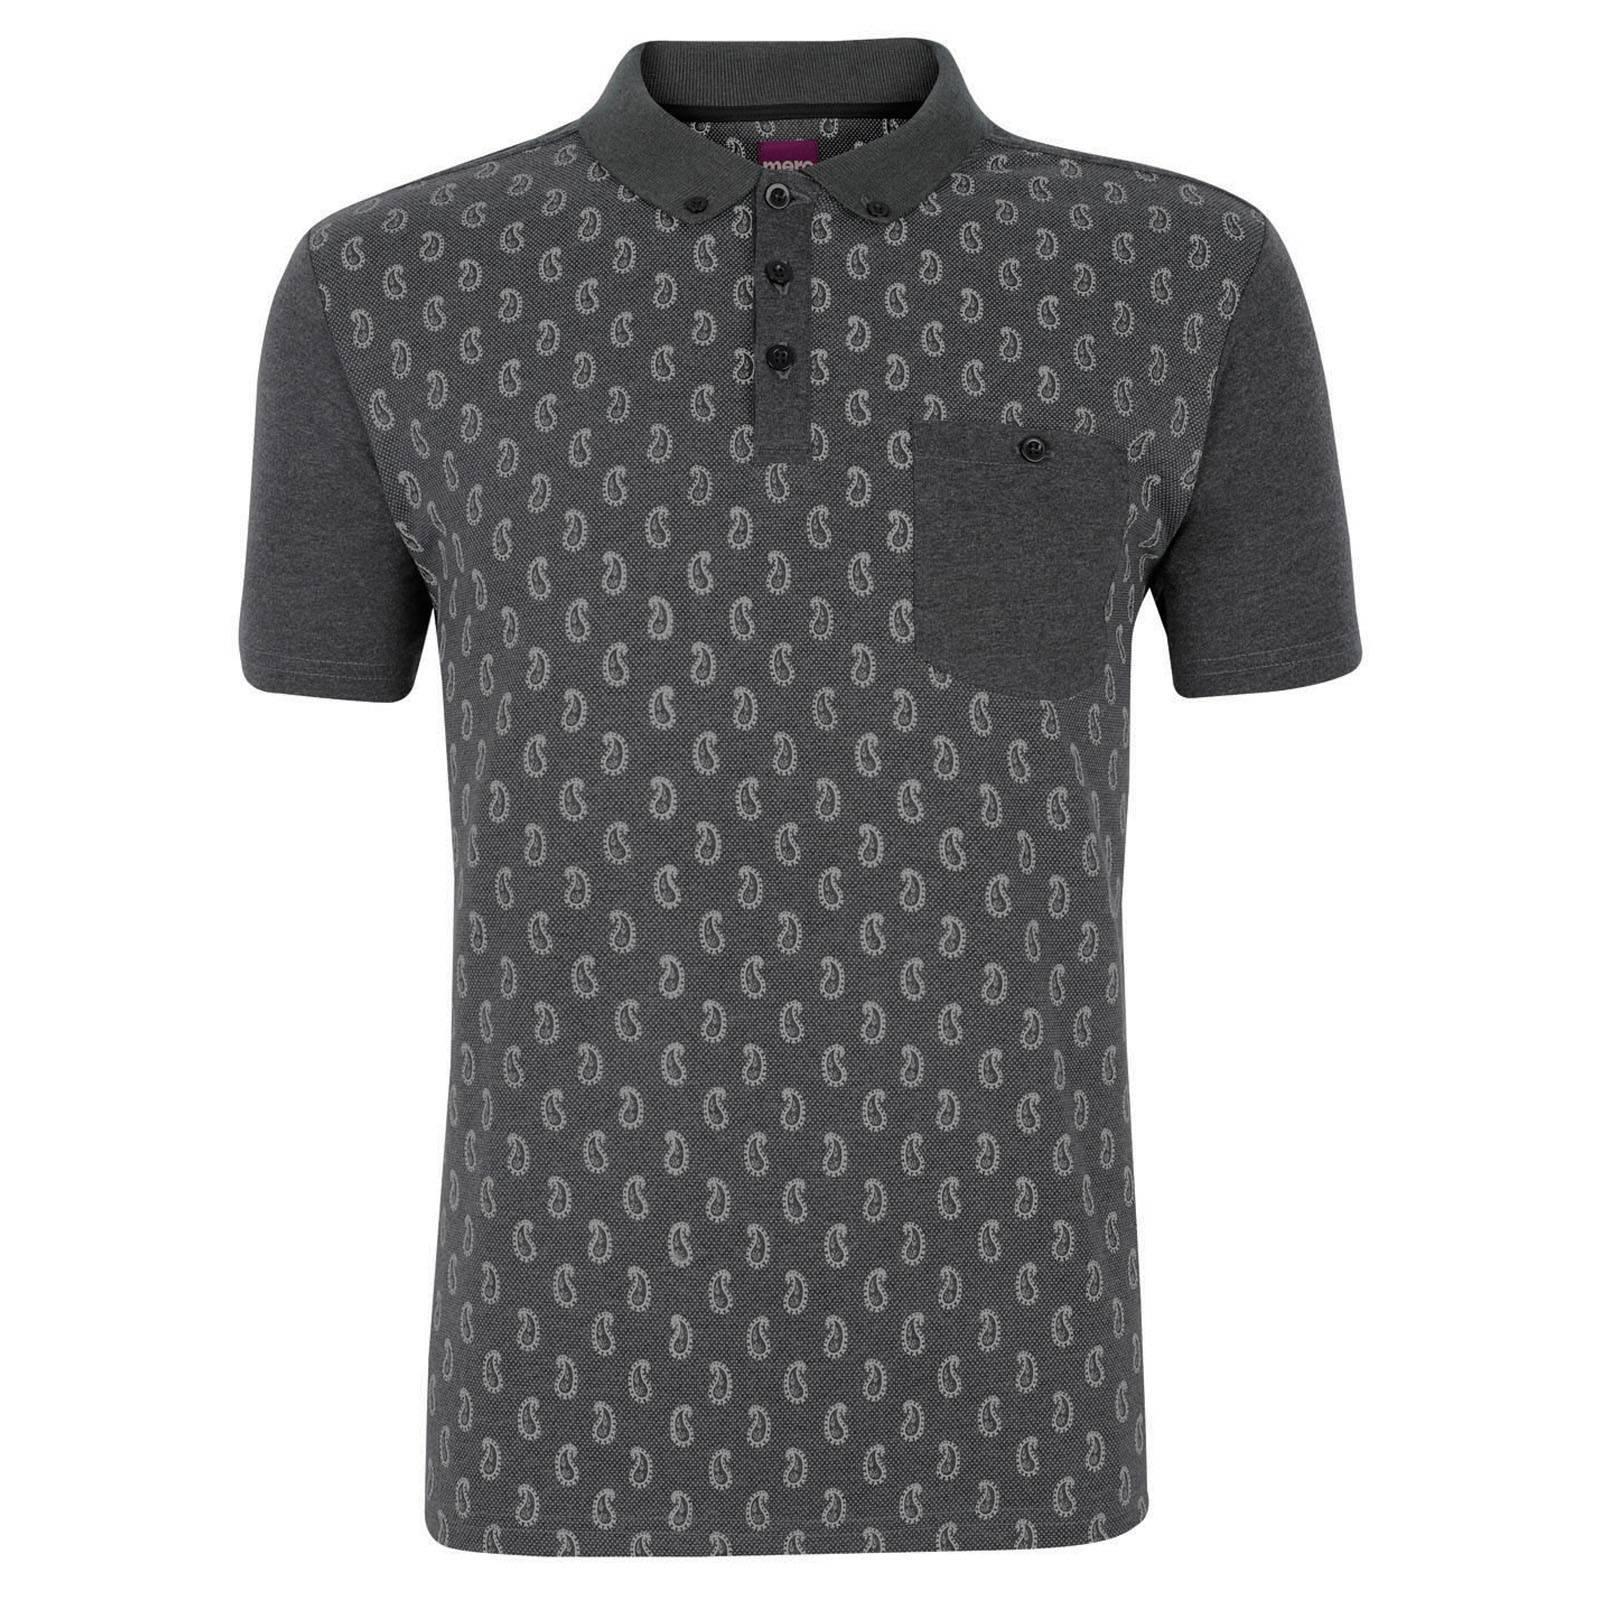 Рубашка Поло BanionПоло<br>Винтажная, с акцентом на ретро, мужская рубашка поло из плотного хлопкового материала, декорированная широко отстоящими и графически упрощенными элементами орнамента пейсли, являющегося преимущественно рубашечным узором . &amp;lt;br /&amp;gt;<br>&amp;lt;br /&amp;gt;<br>Гладкая ткань рукавов, нагрудного кармана и воротника с классической застежкой на три пуговицы по структуре отличается от более грубой, с рифленым эффектом, основы, образуя единую композицию. &amp;lt;br /&amp;gt;<br>&amp;lt;br /&amp;gt;<br>Еще одна деталь, больше характерная для конструкции обычных рубашек - укороченный воротник button down на пуговицах. Благодаря текстурной ткани отлично сочетается с джинсами.<br><br>Артикул: 1913203<br>Материал: 50% хлопок, 50% полиэстер<br>Цвет: серый<br>Пол: Мужской